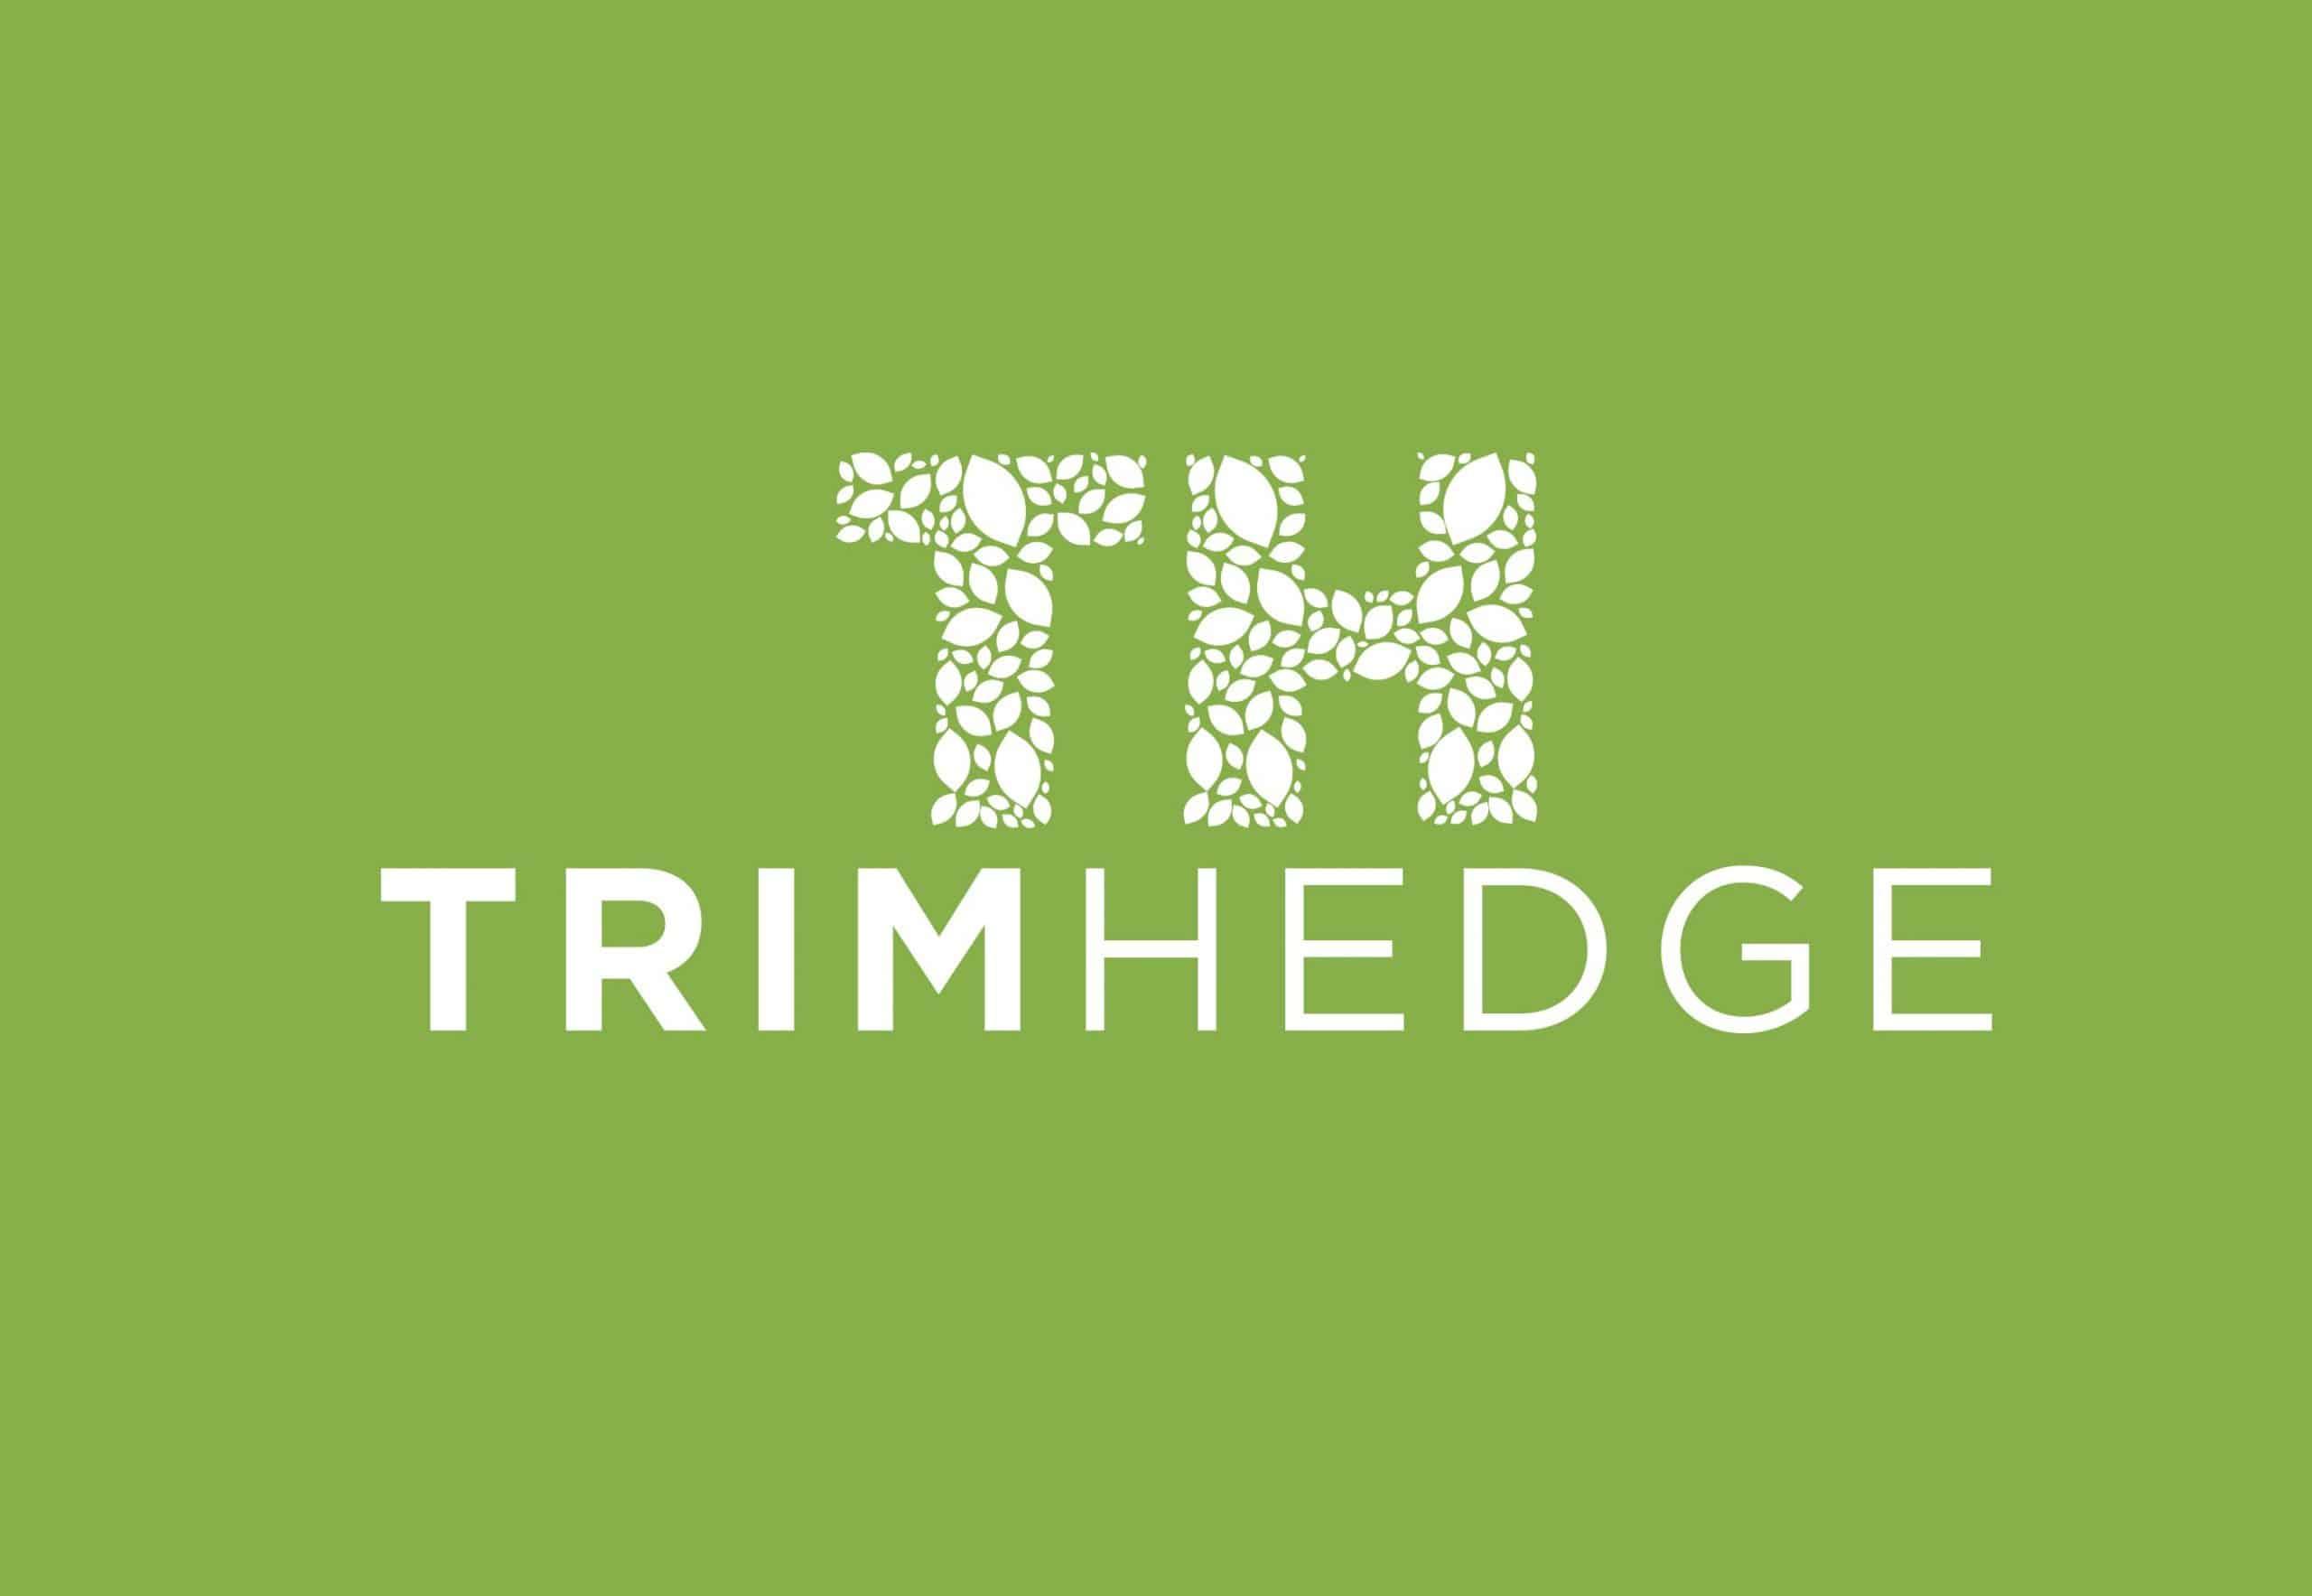 TrimHedge